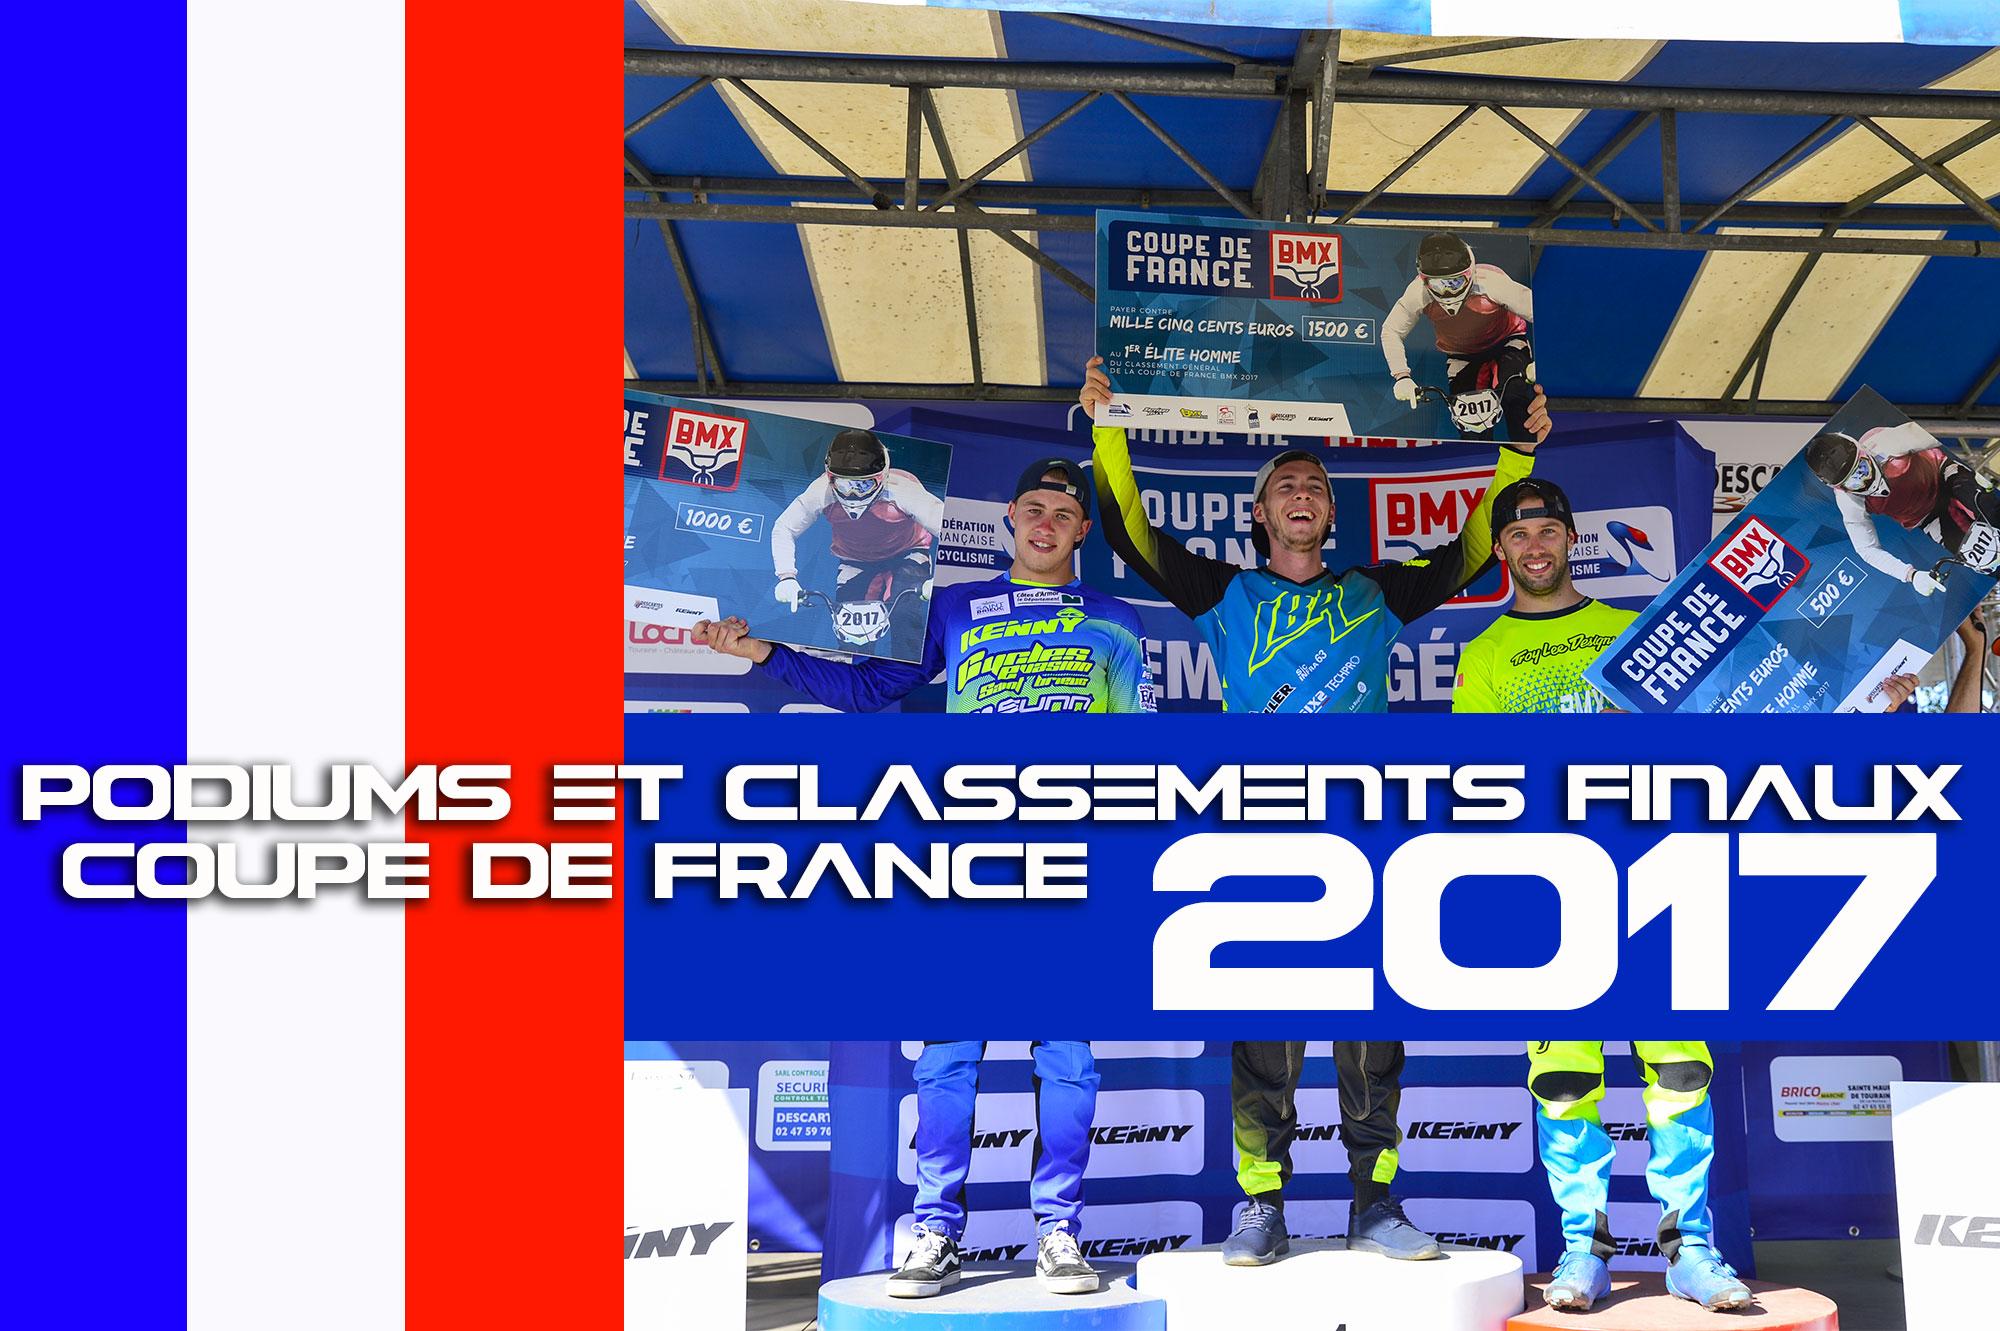 COUPE DE FRANCE 2017: Classements finaux+photos podiums !